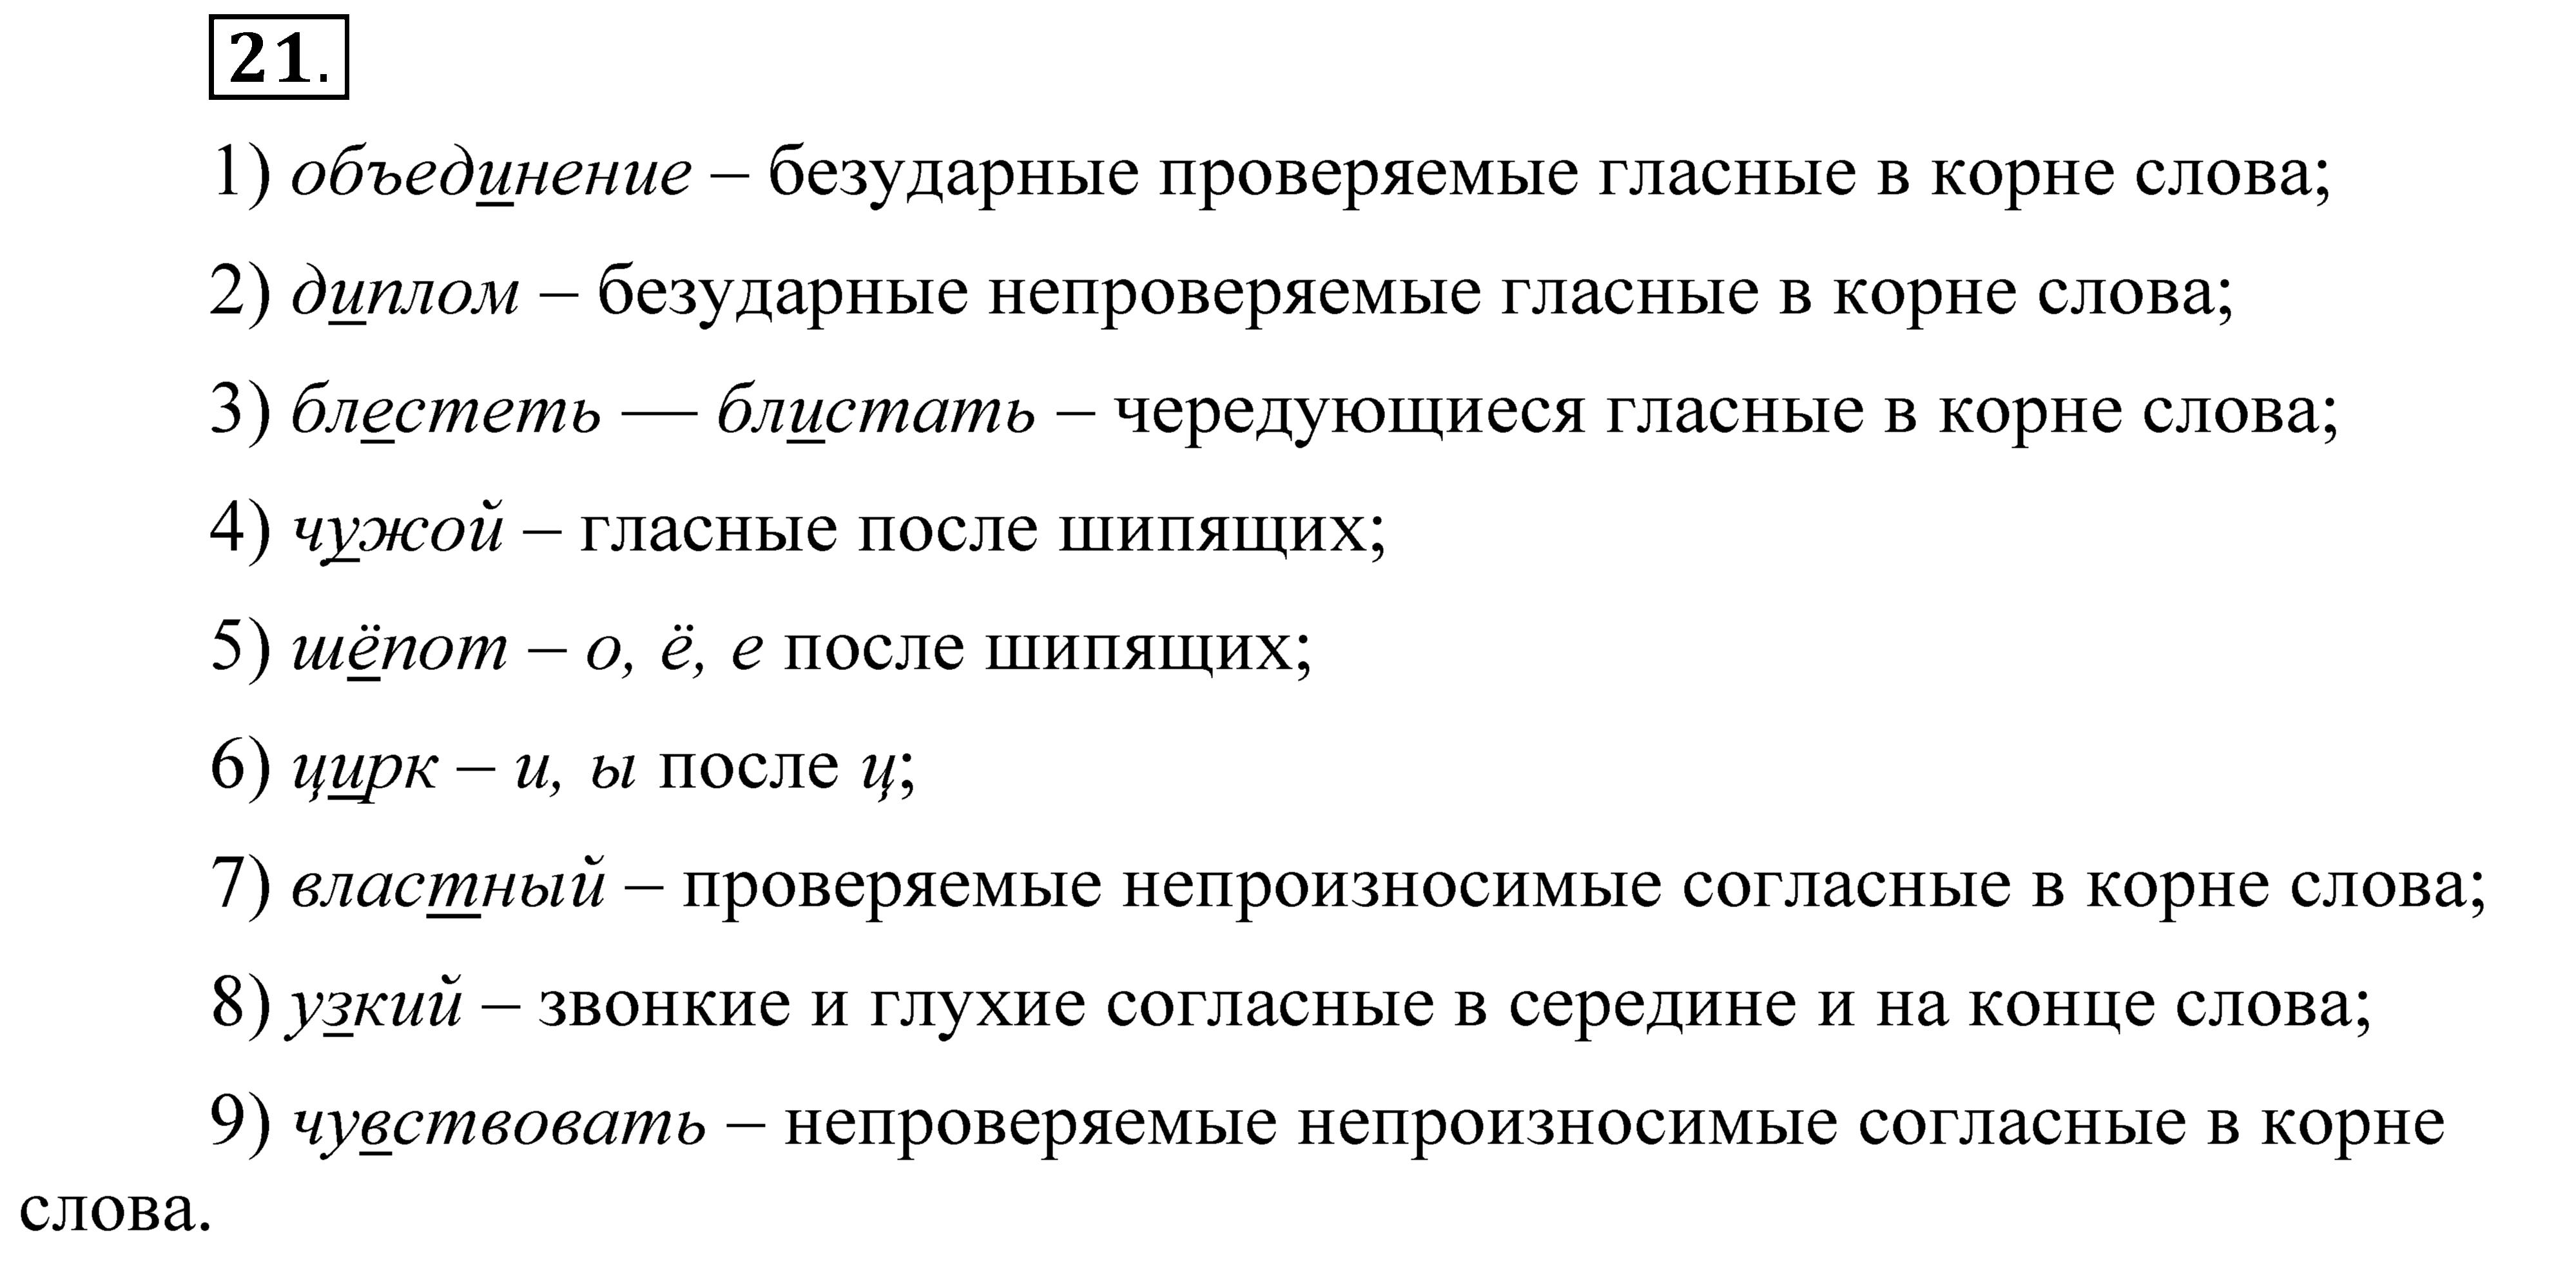 Гдз по русскому языку 7 Класс Пичугов Еремеева